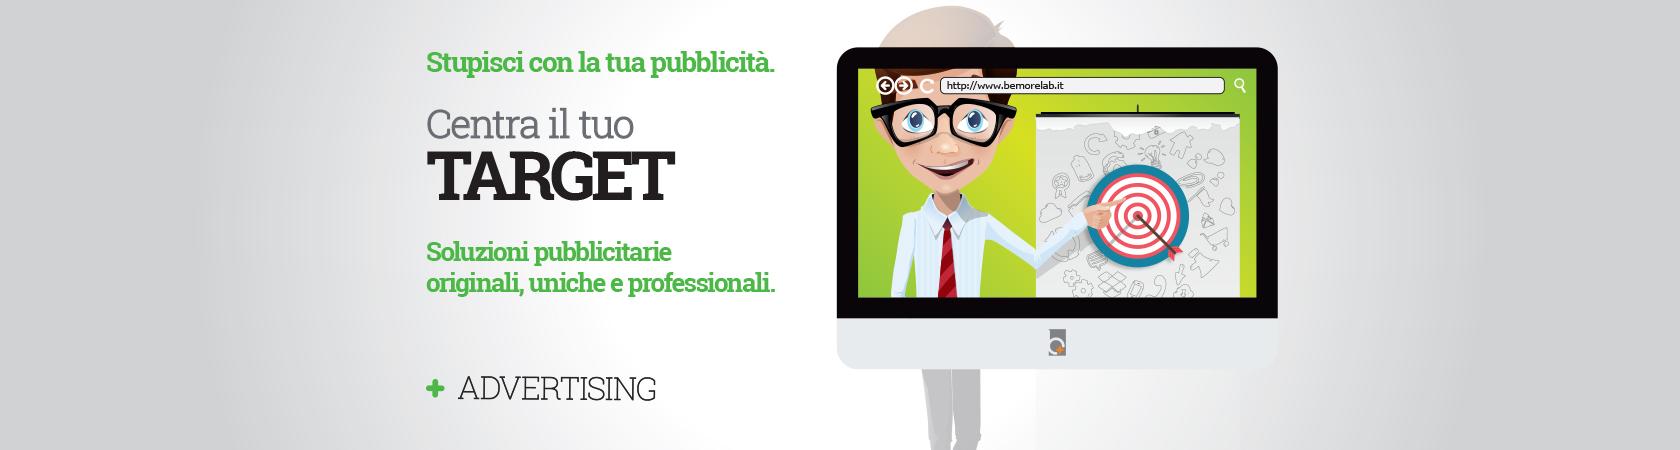 BeMoreLab. Soluzioni pubblicitarie originali, uniche e professionali.